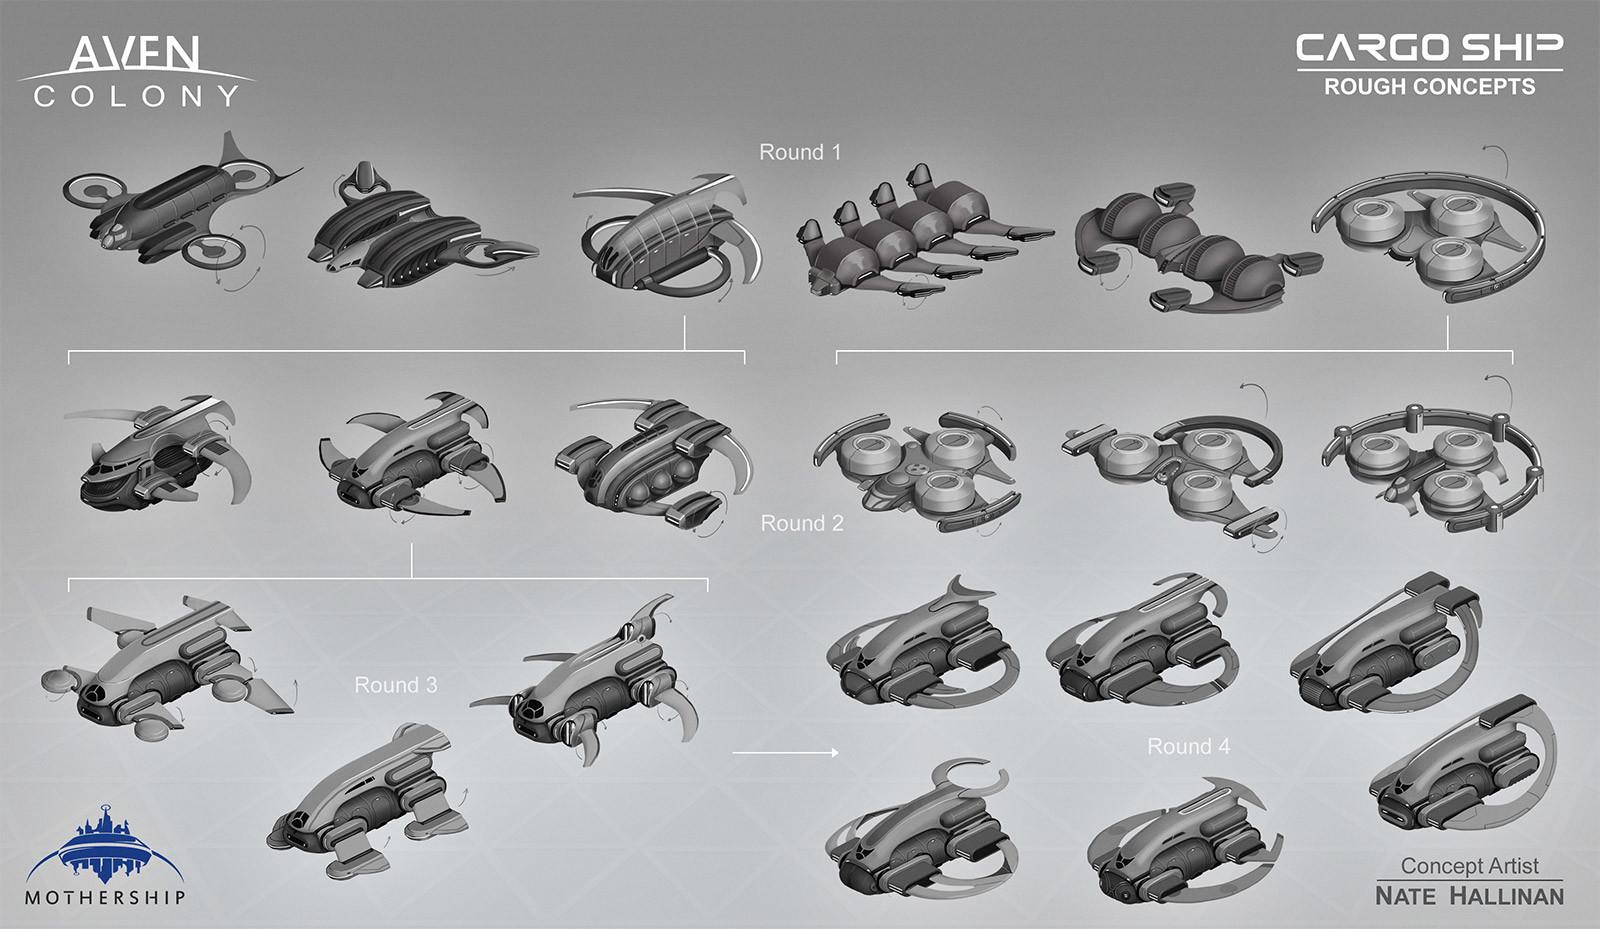 Initial rough concept thumbnails